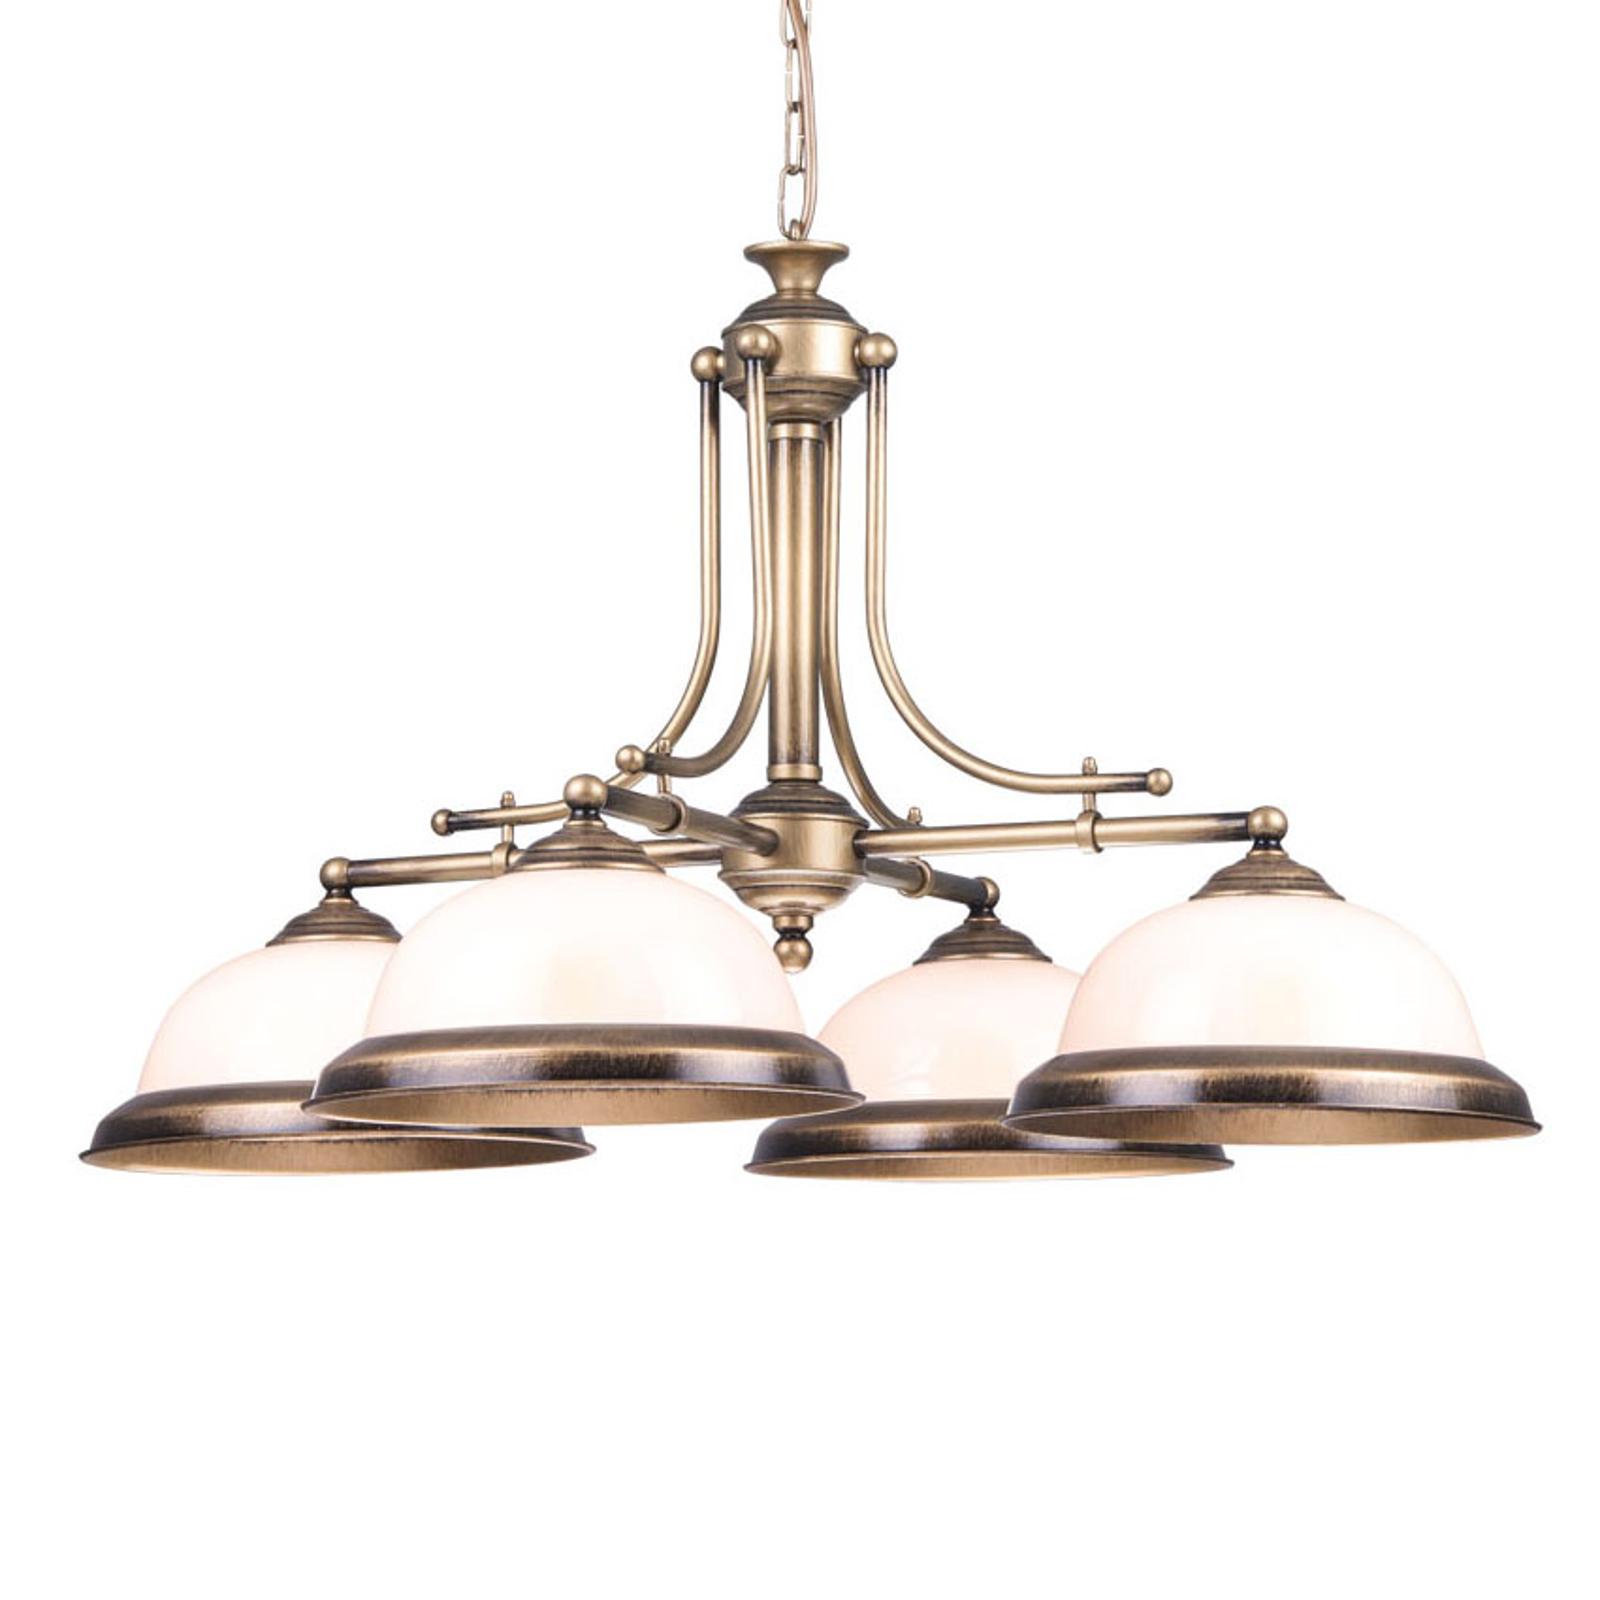 Lampa wisząca Torio, ręcznie kolorowana 4-punktowa